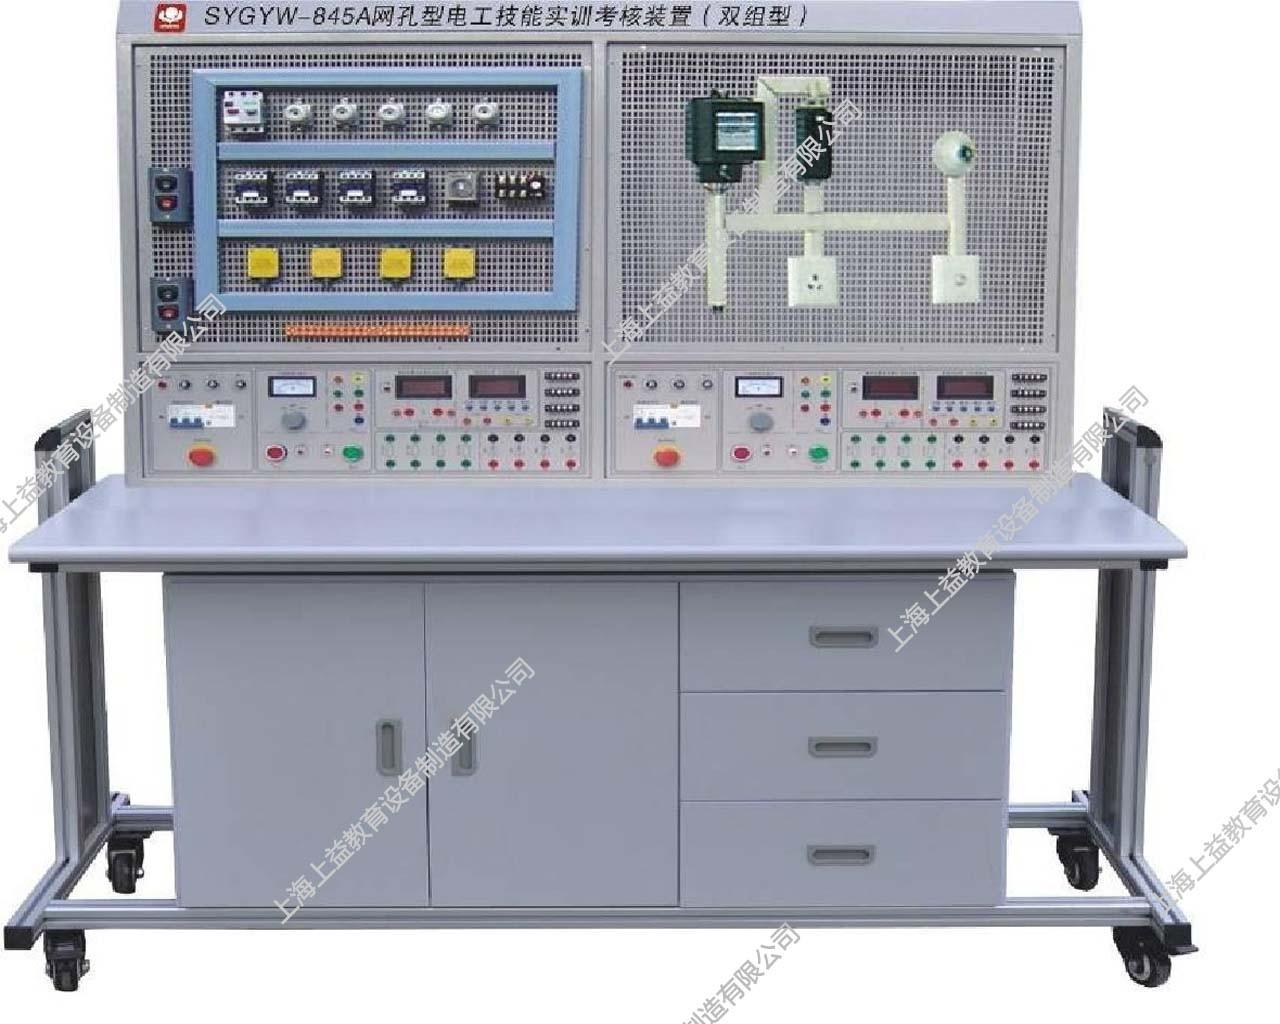 网孔型电工技能wwwlehu8viplehu68vip装置(双组型)